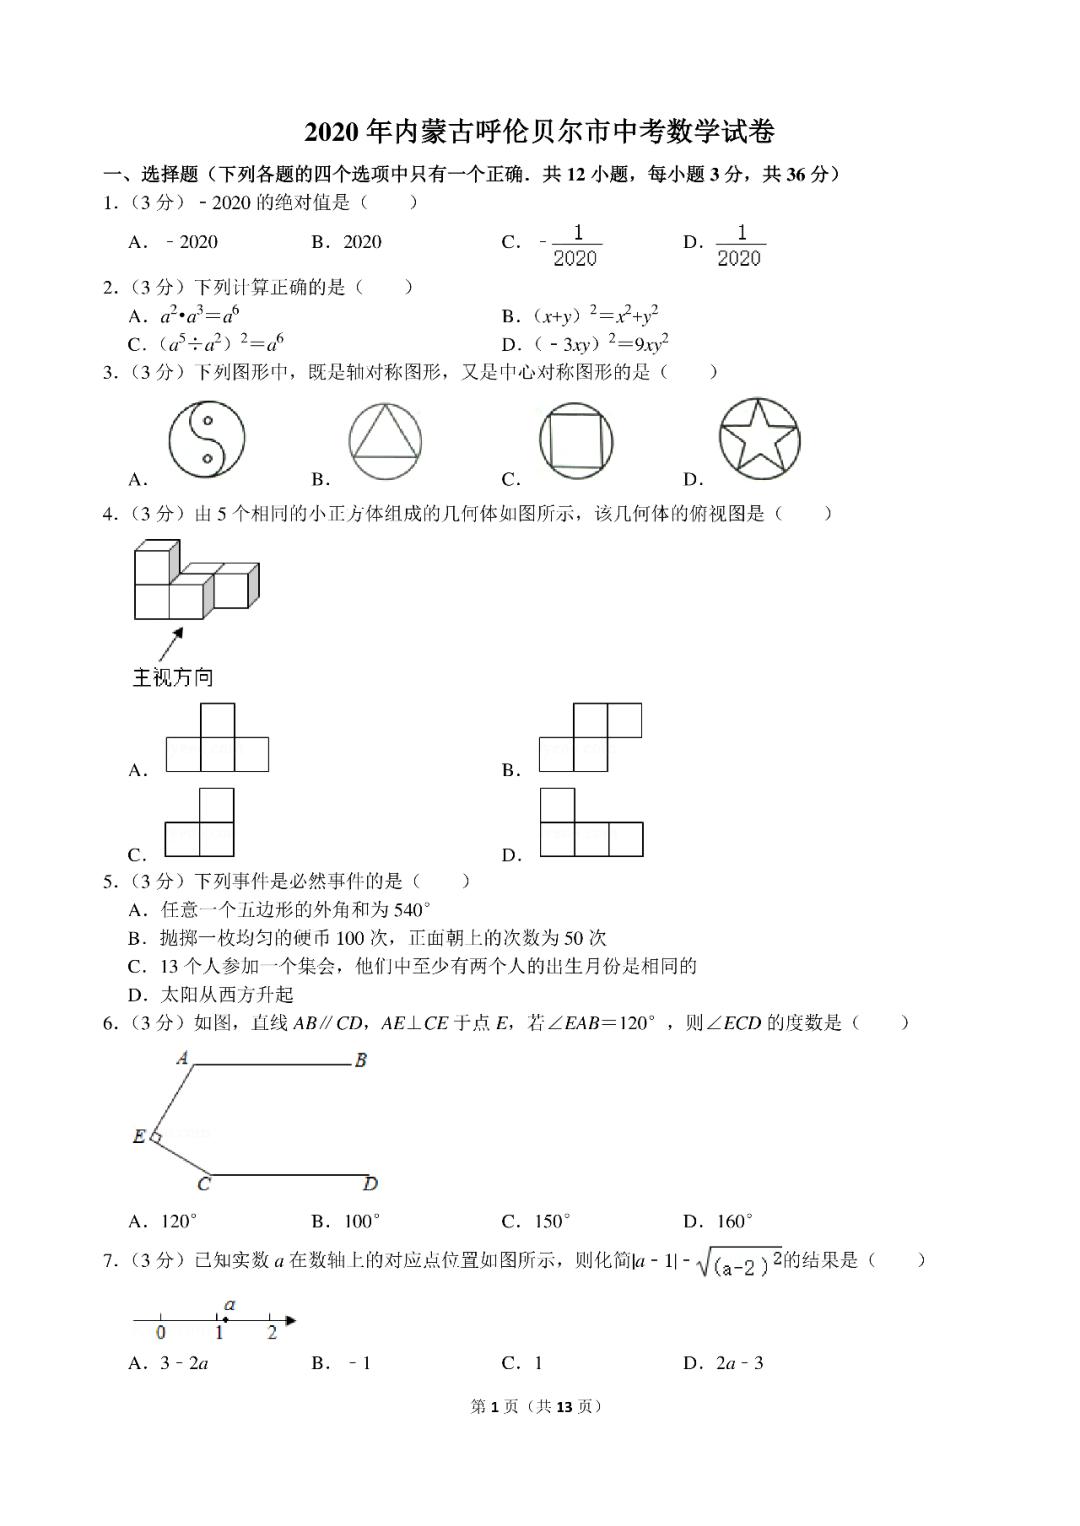 2020呼伦贝尔中考数学试题答案(图片版)